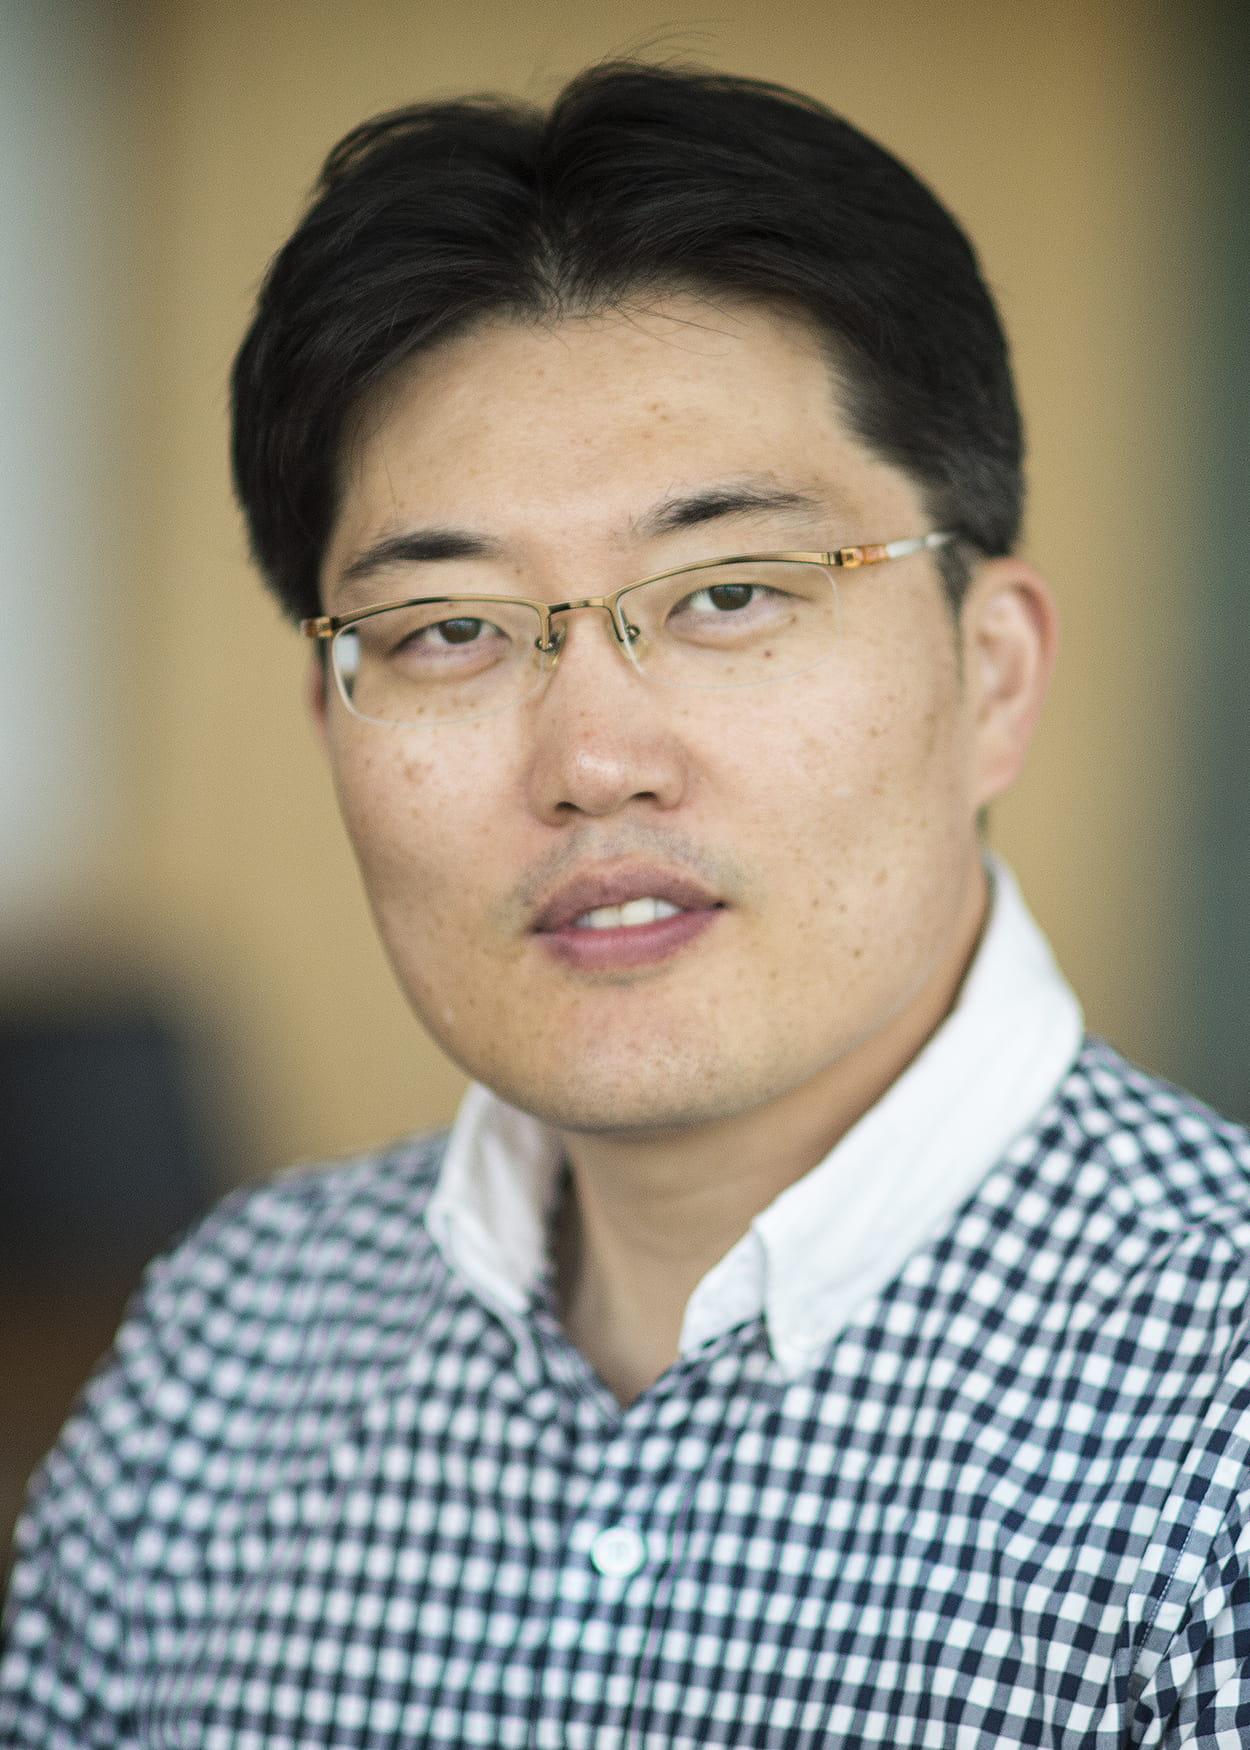 Young-tae Kim